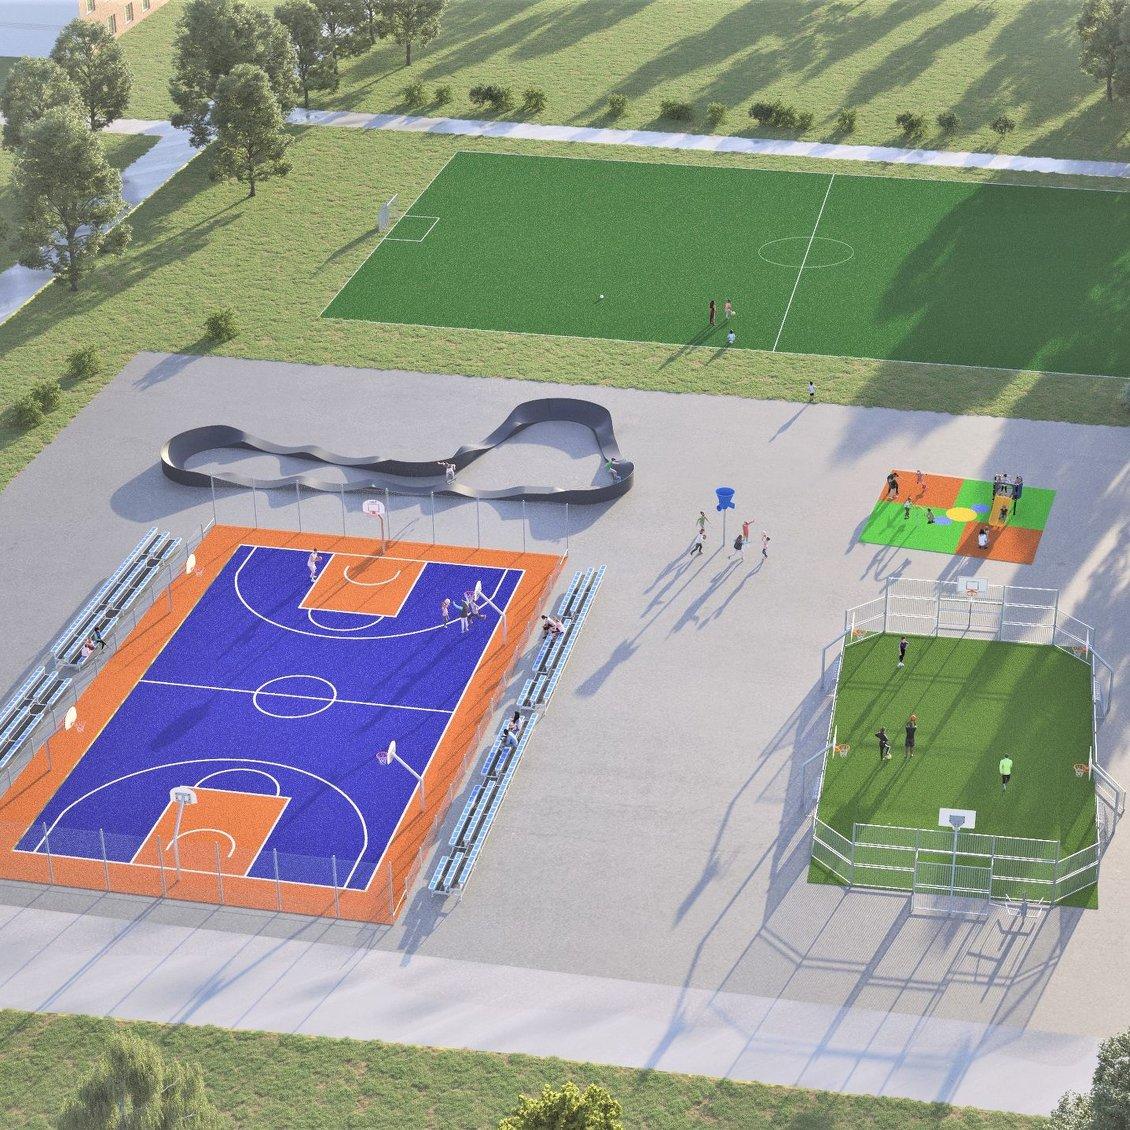 Föreslagna delar (inte färdigt förslag till utförande) i ABK:s nya multisportområde.